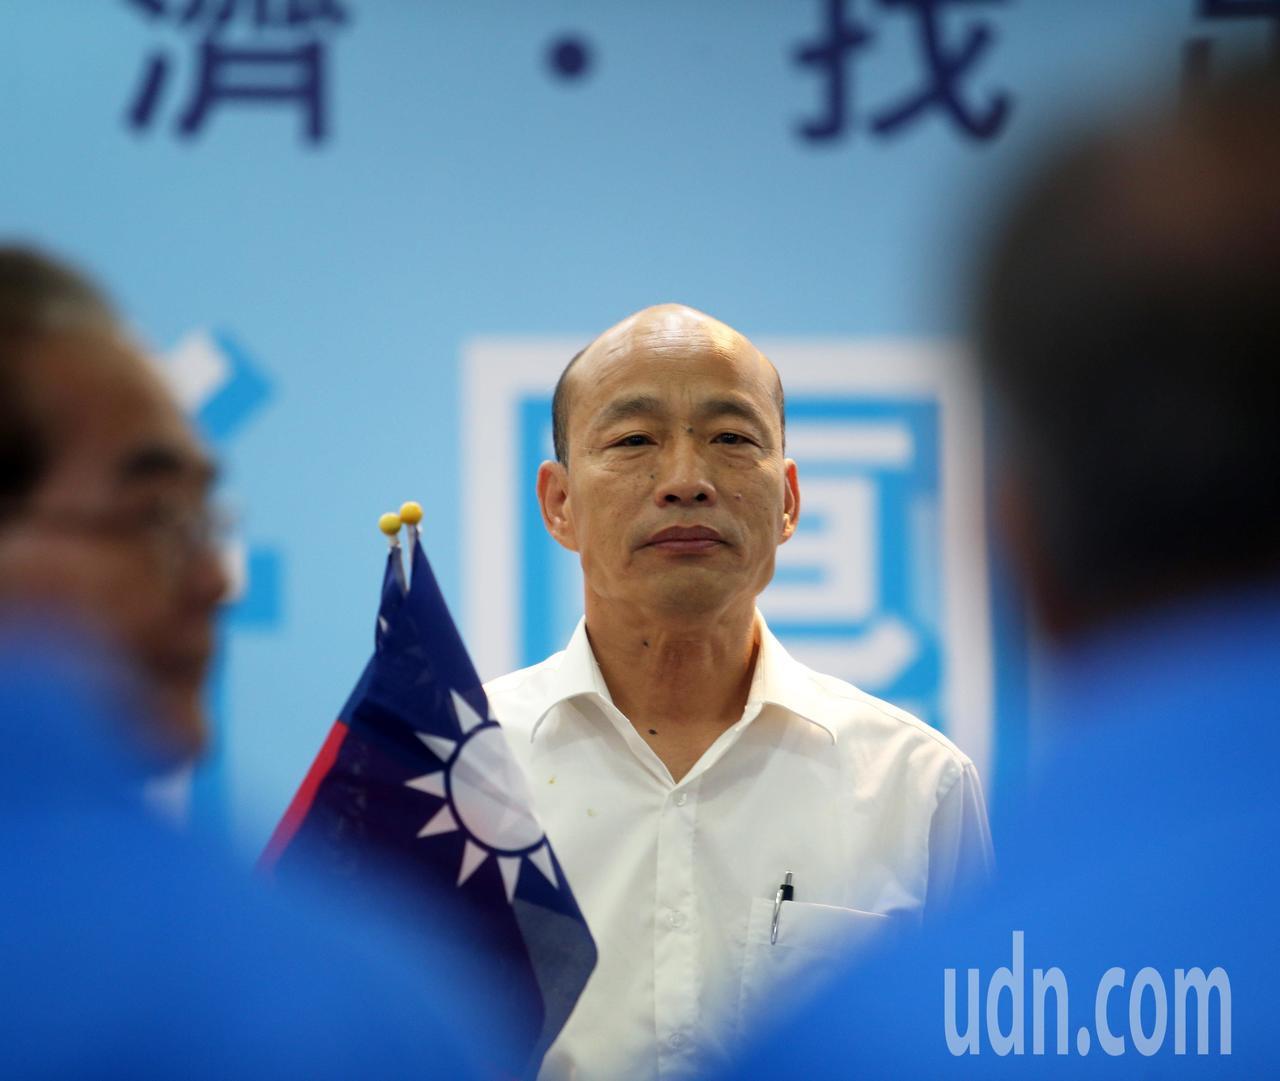 國民黨總統參選人韓國瑜昨天回到高雄進行競選總部幹部授證大會。記者劉學聖/攝影